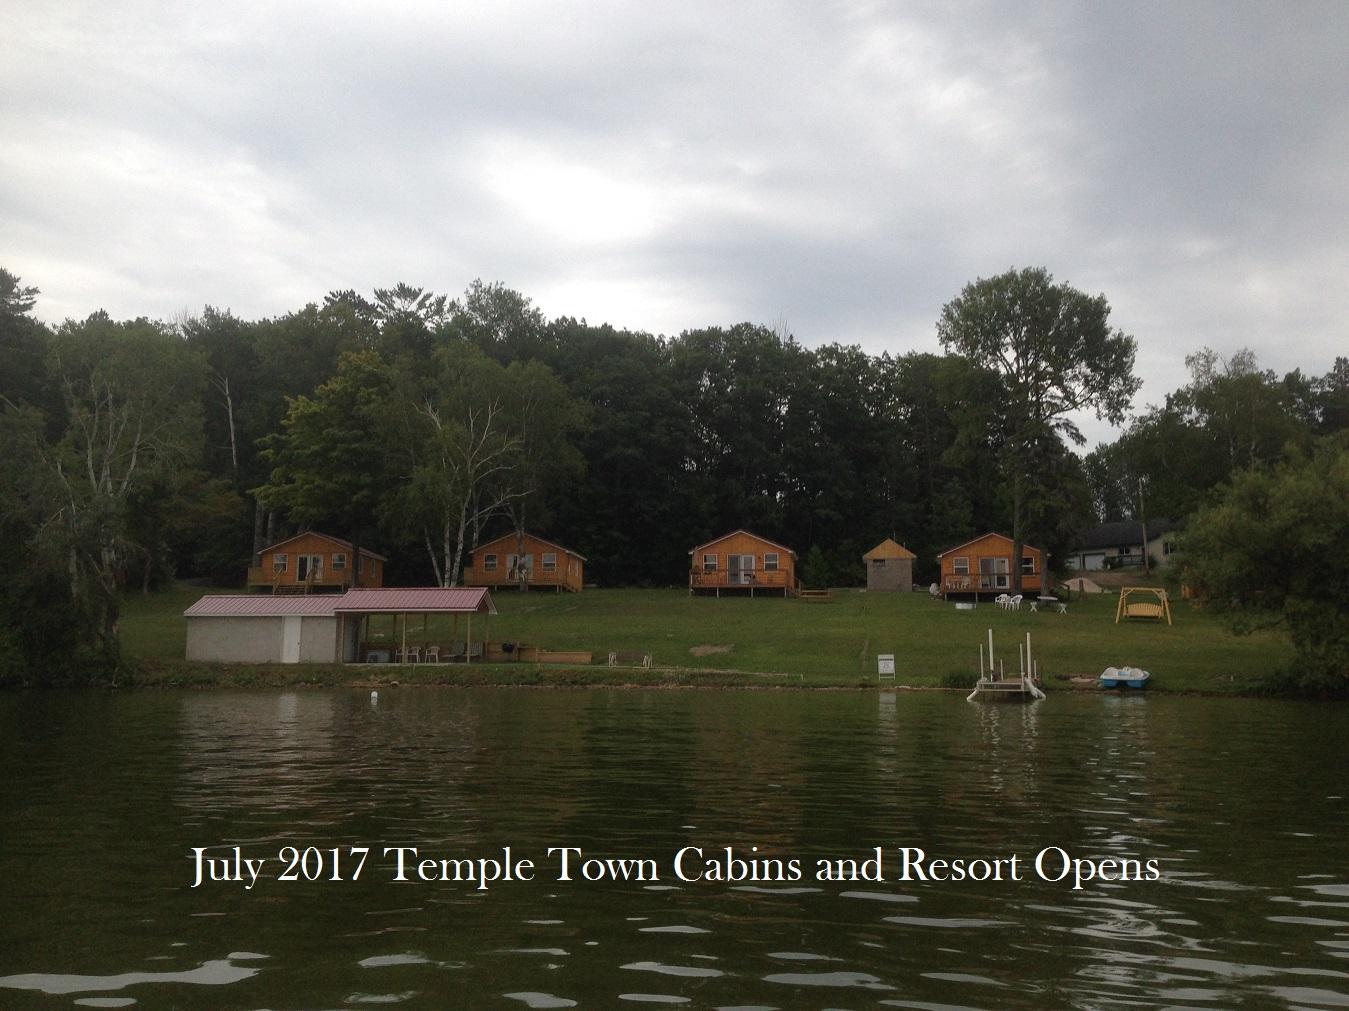 Resort Opens 2017